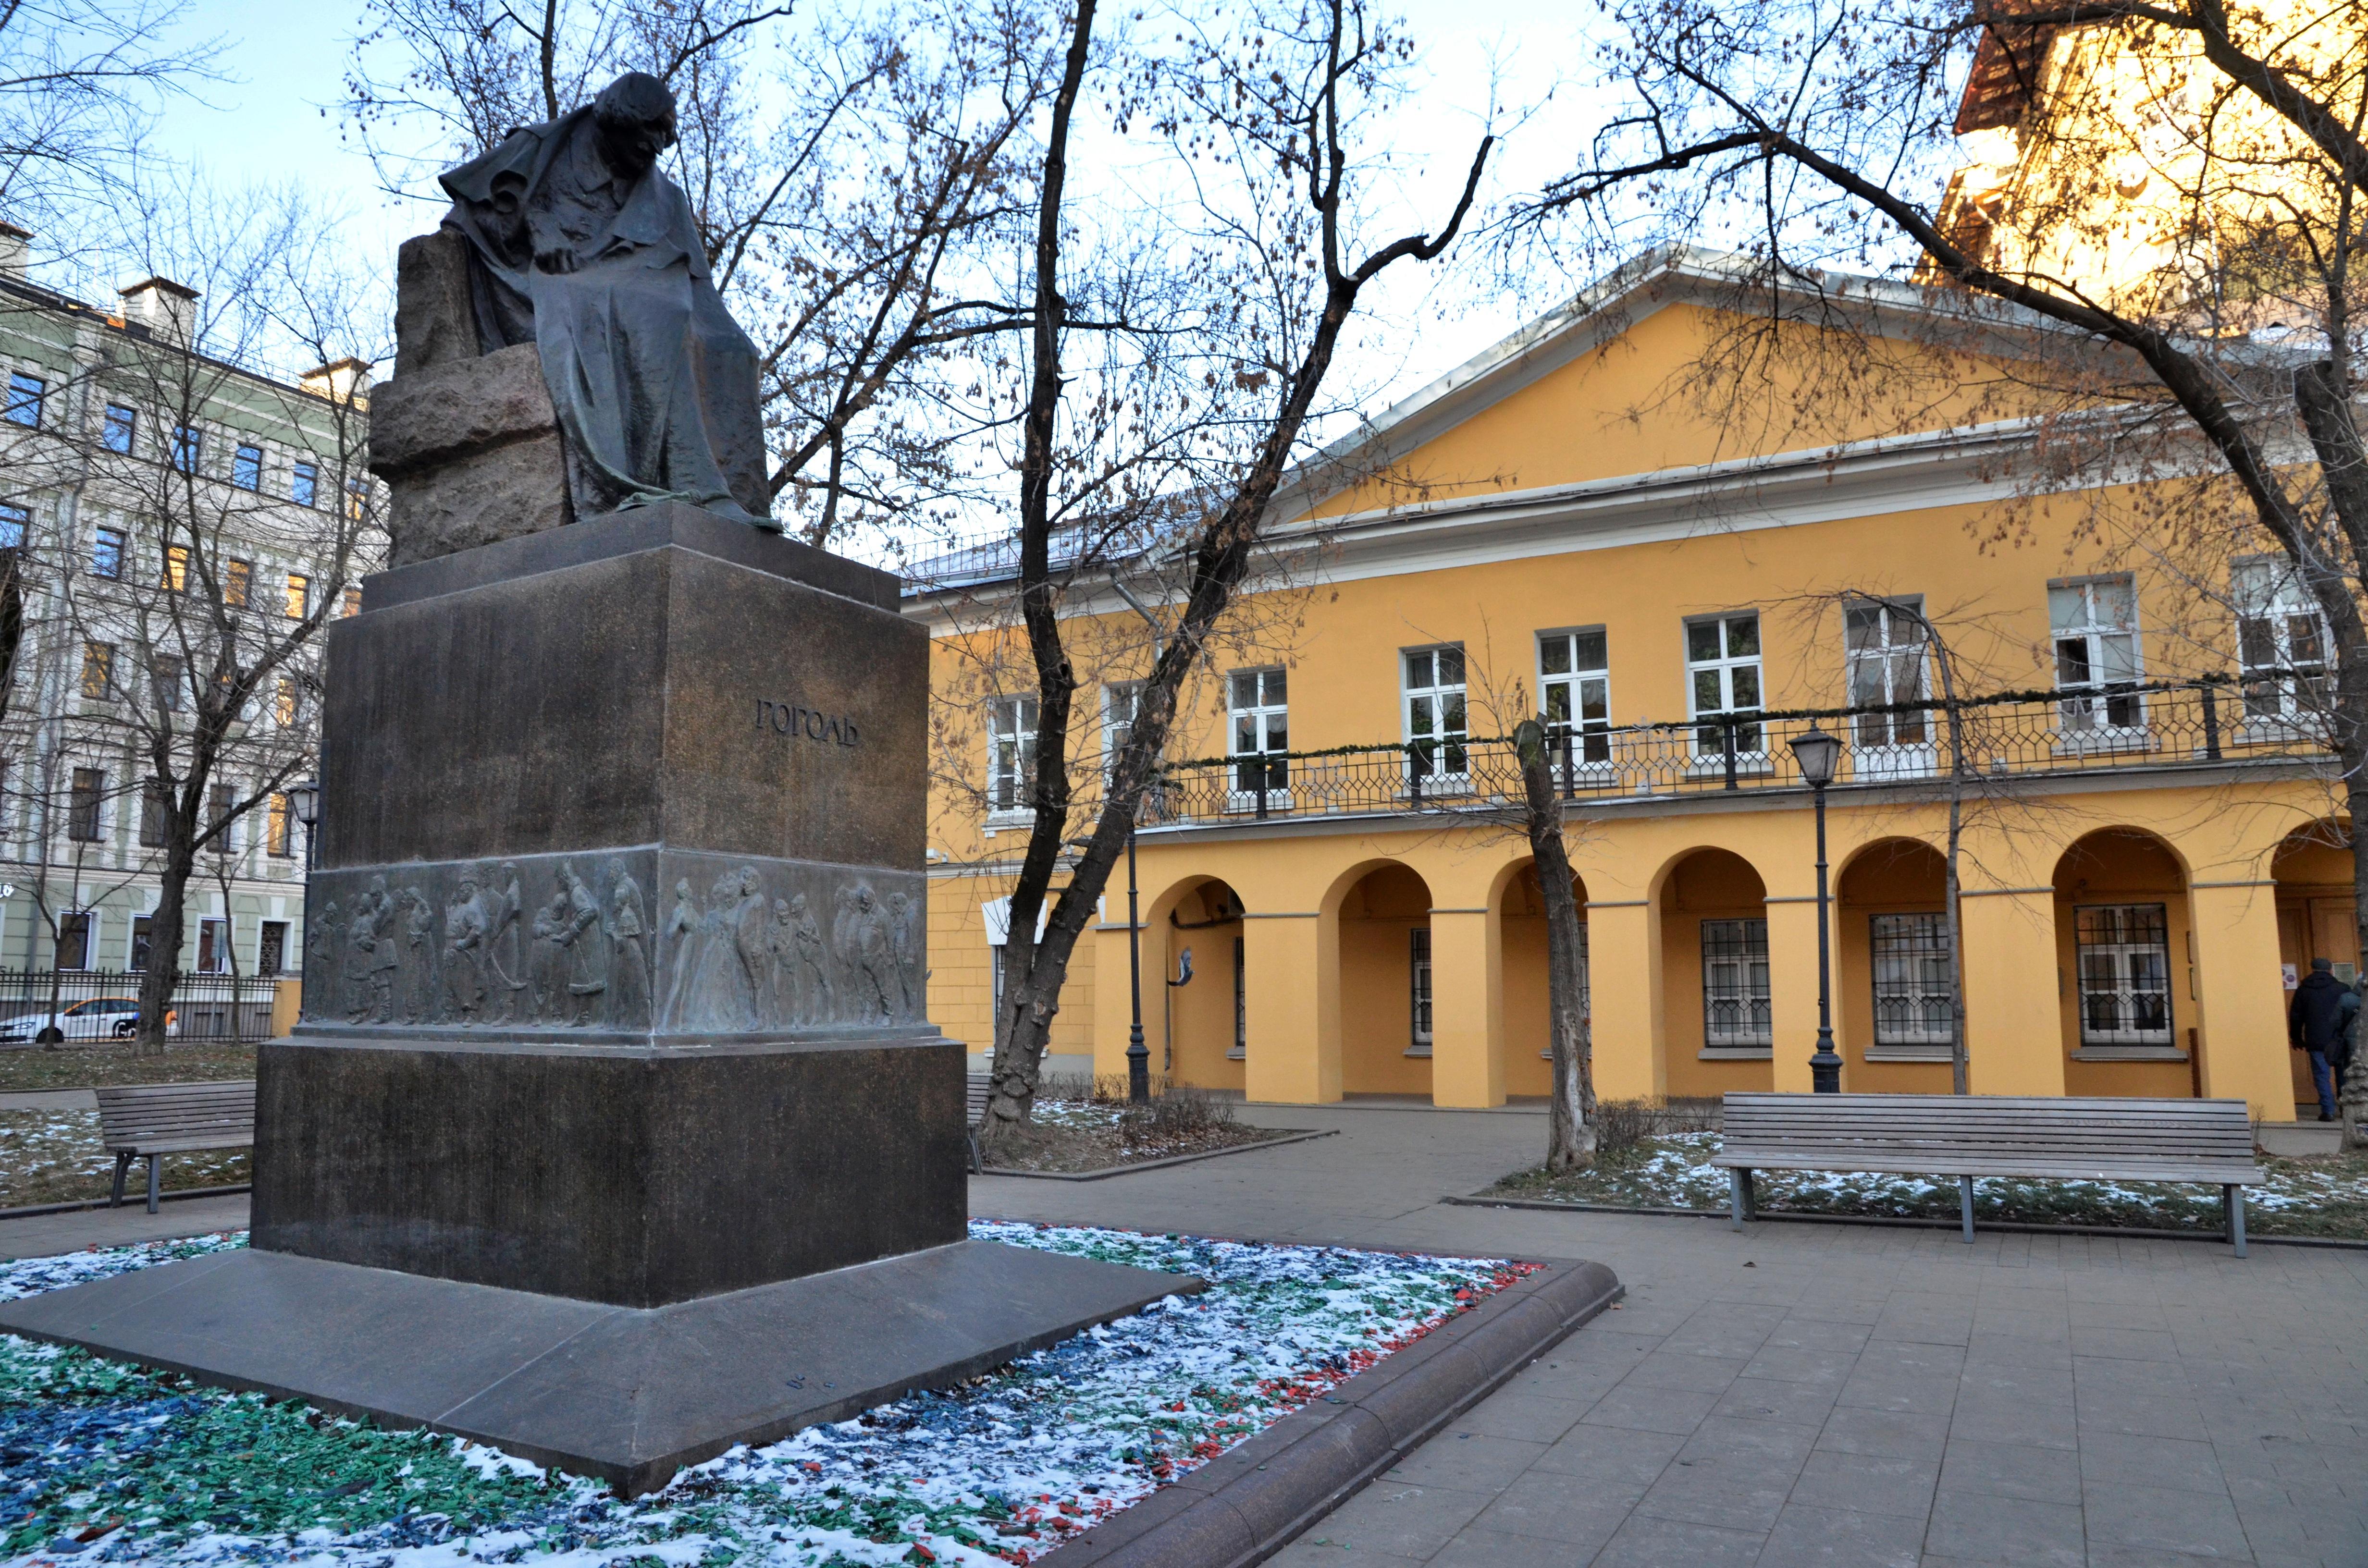 Цикл виртуальных экскурсий «Пока Гоголя нет дома» представят в ЦАО. Фото: Анна Быкова